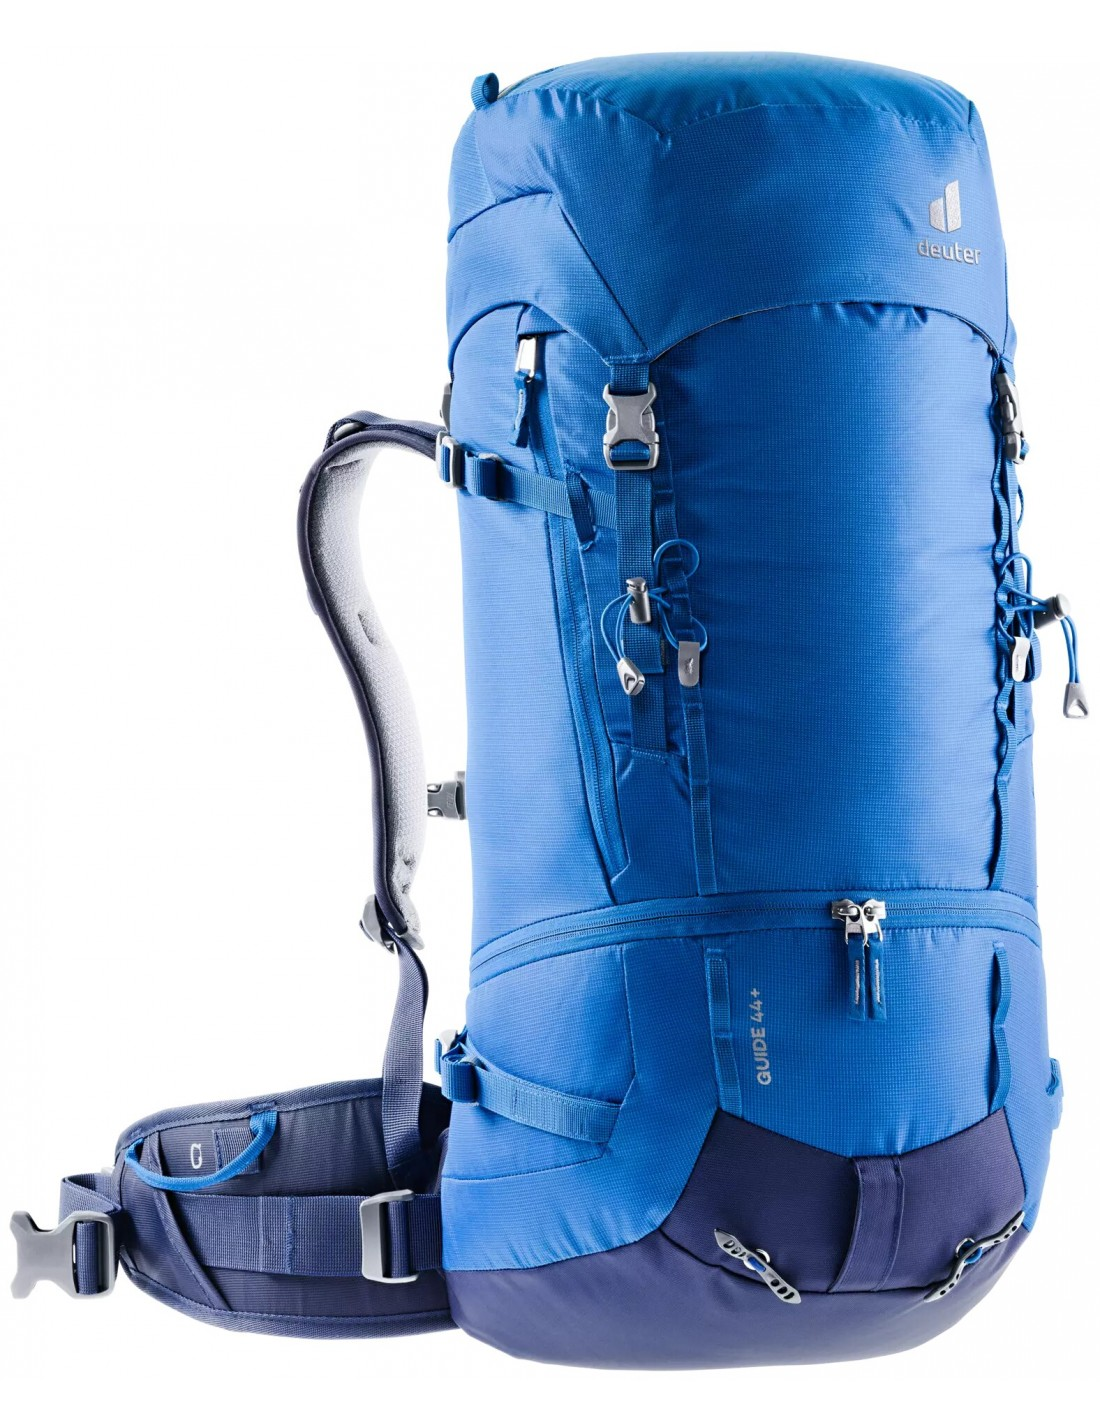 Deuter Rucksack Guide 44+, lapis-navy Rucksackart - Wandern & Trekking, Ruc günstig online kaufen